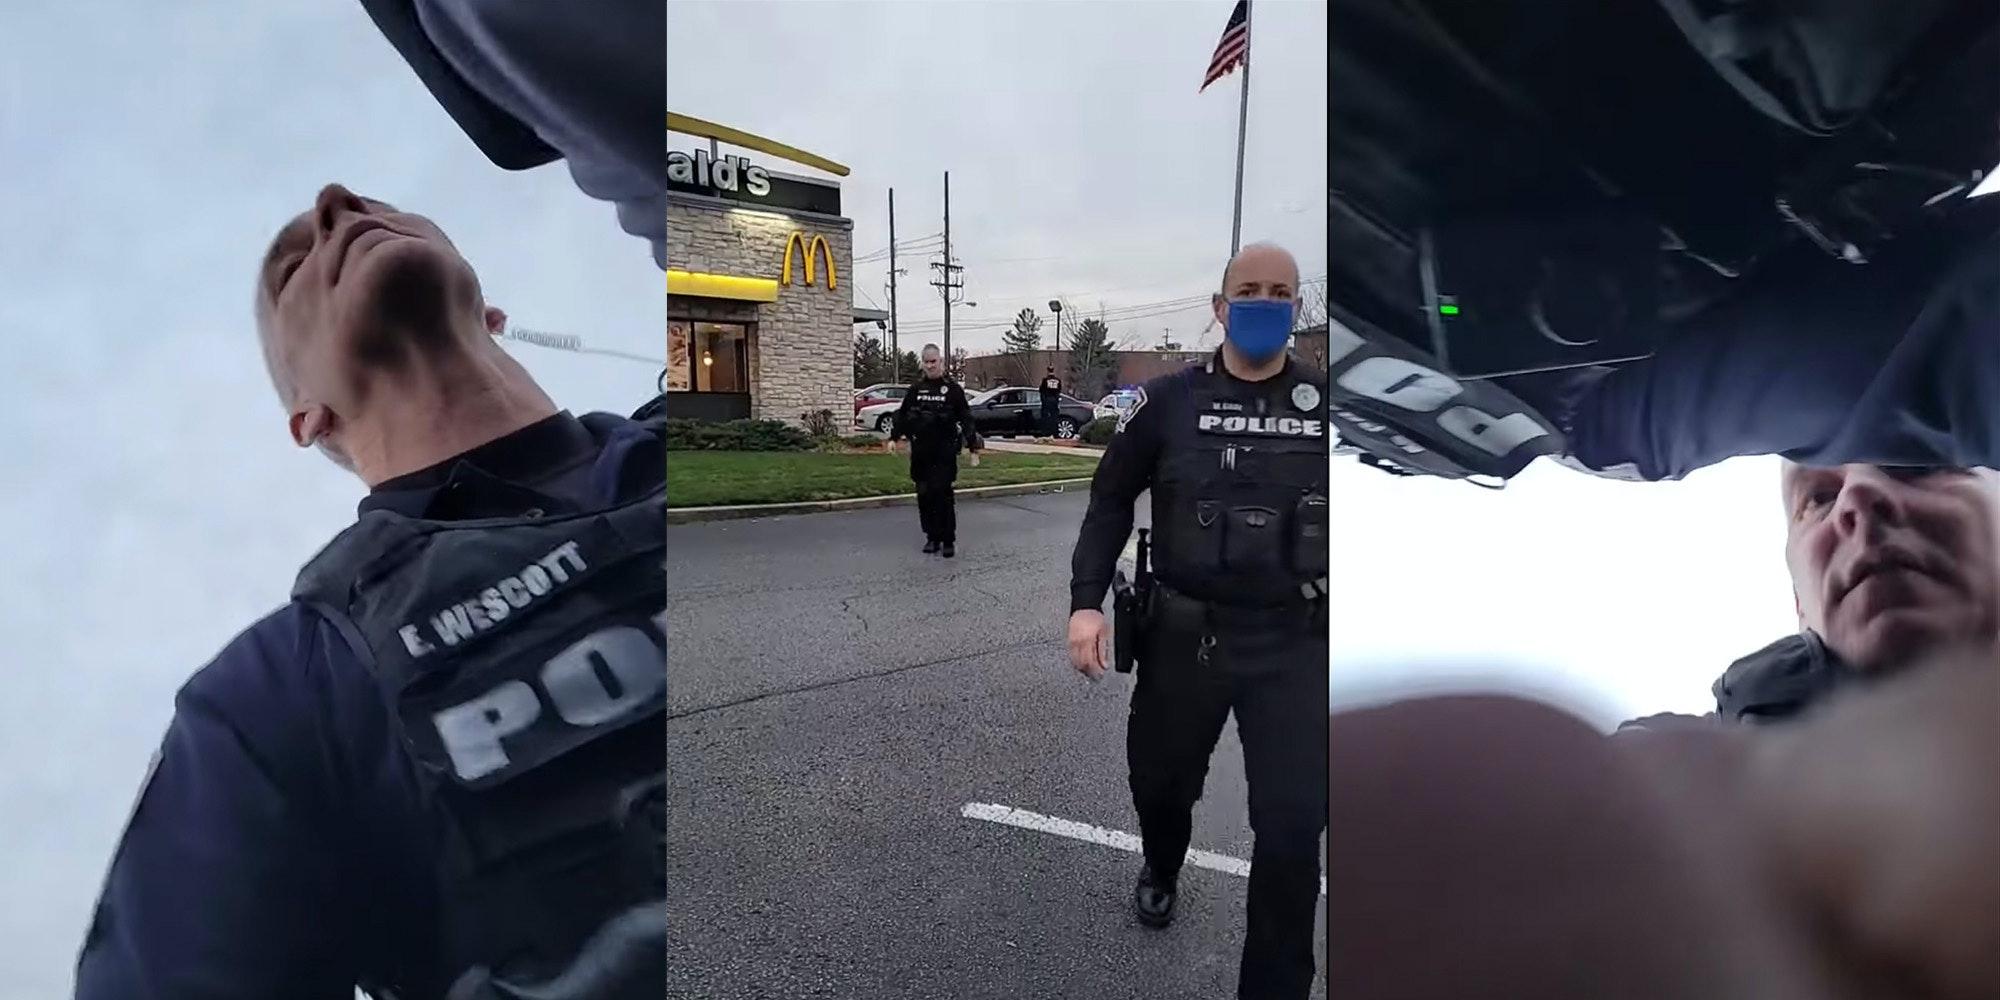 police officer strikes man live streaming arrest